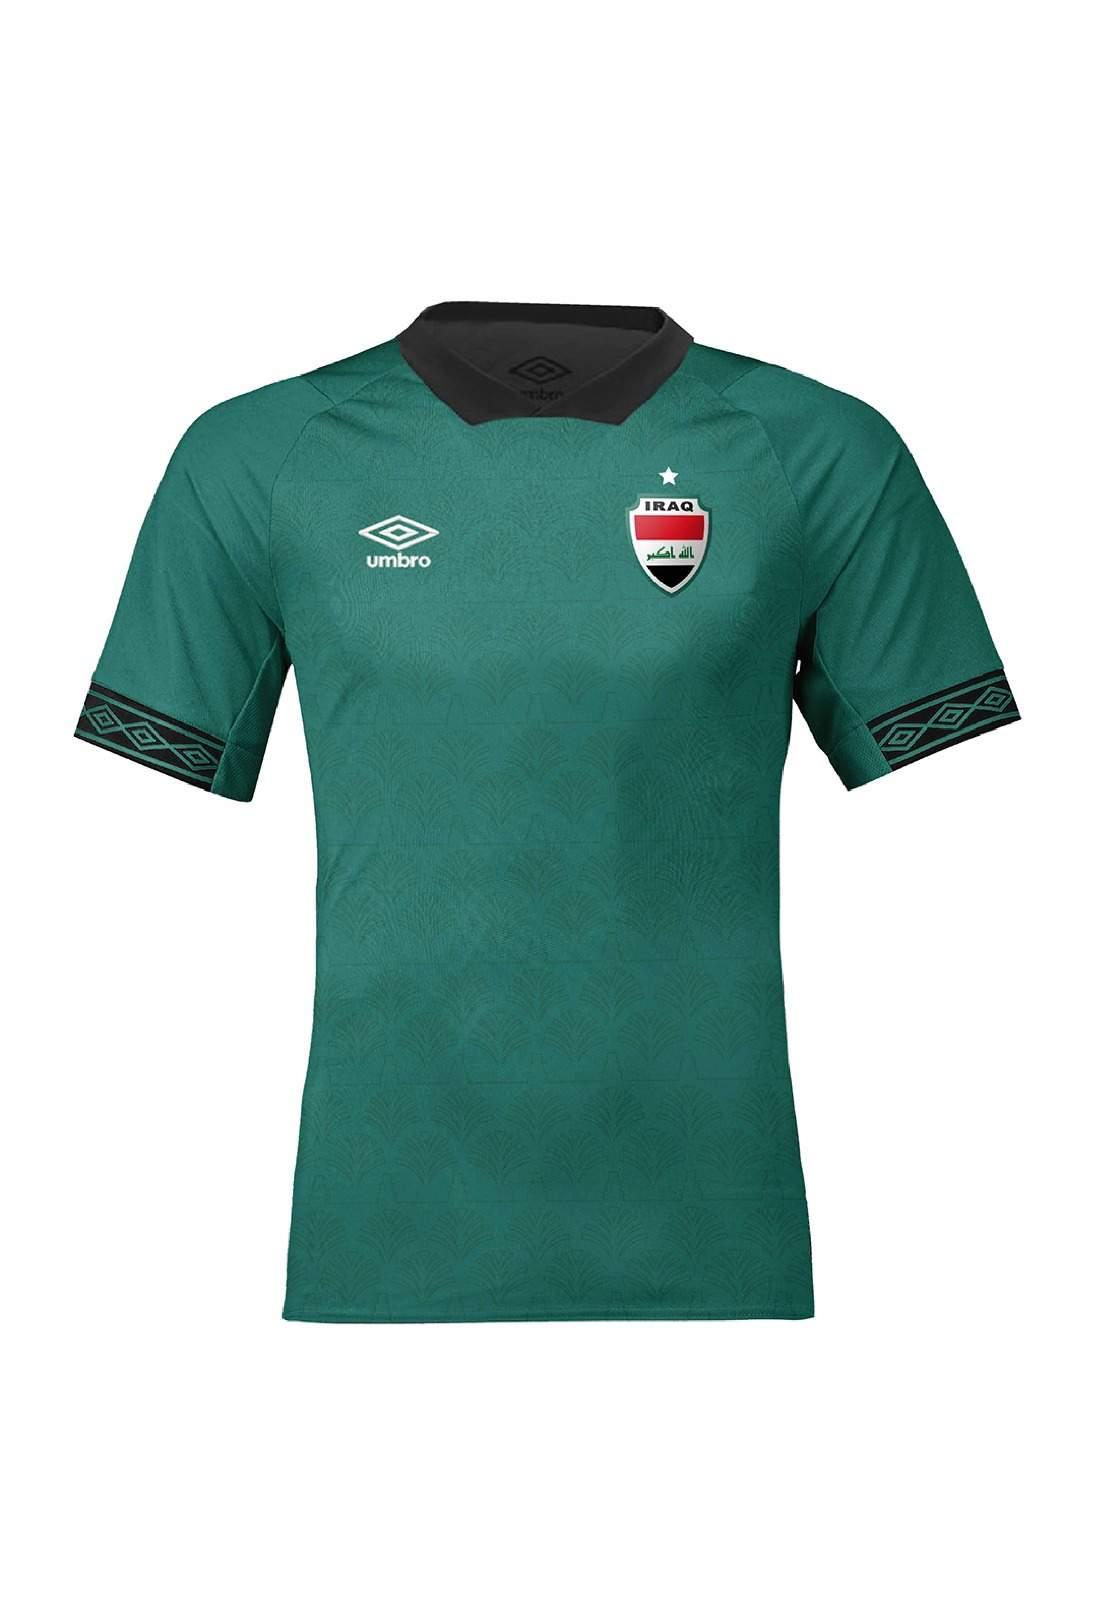 قميص المنتخب العراقي الرسمي